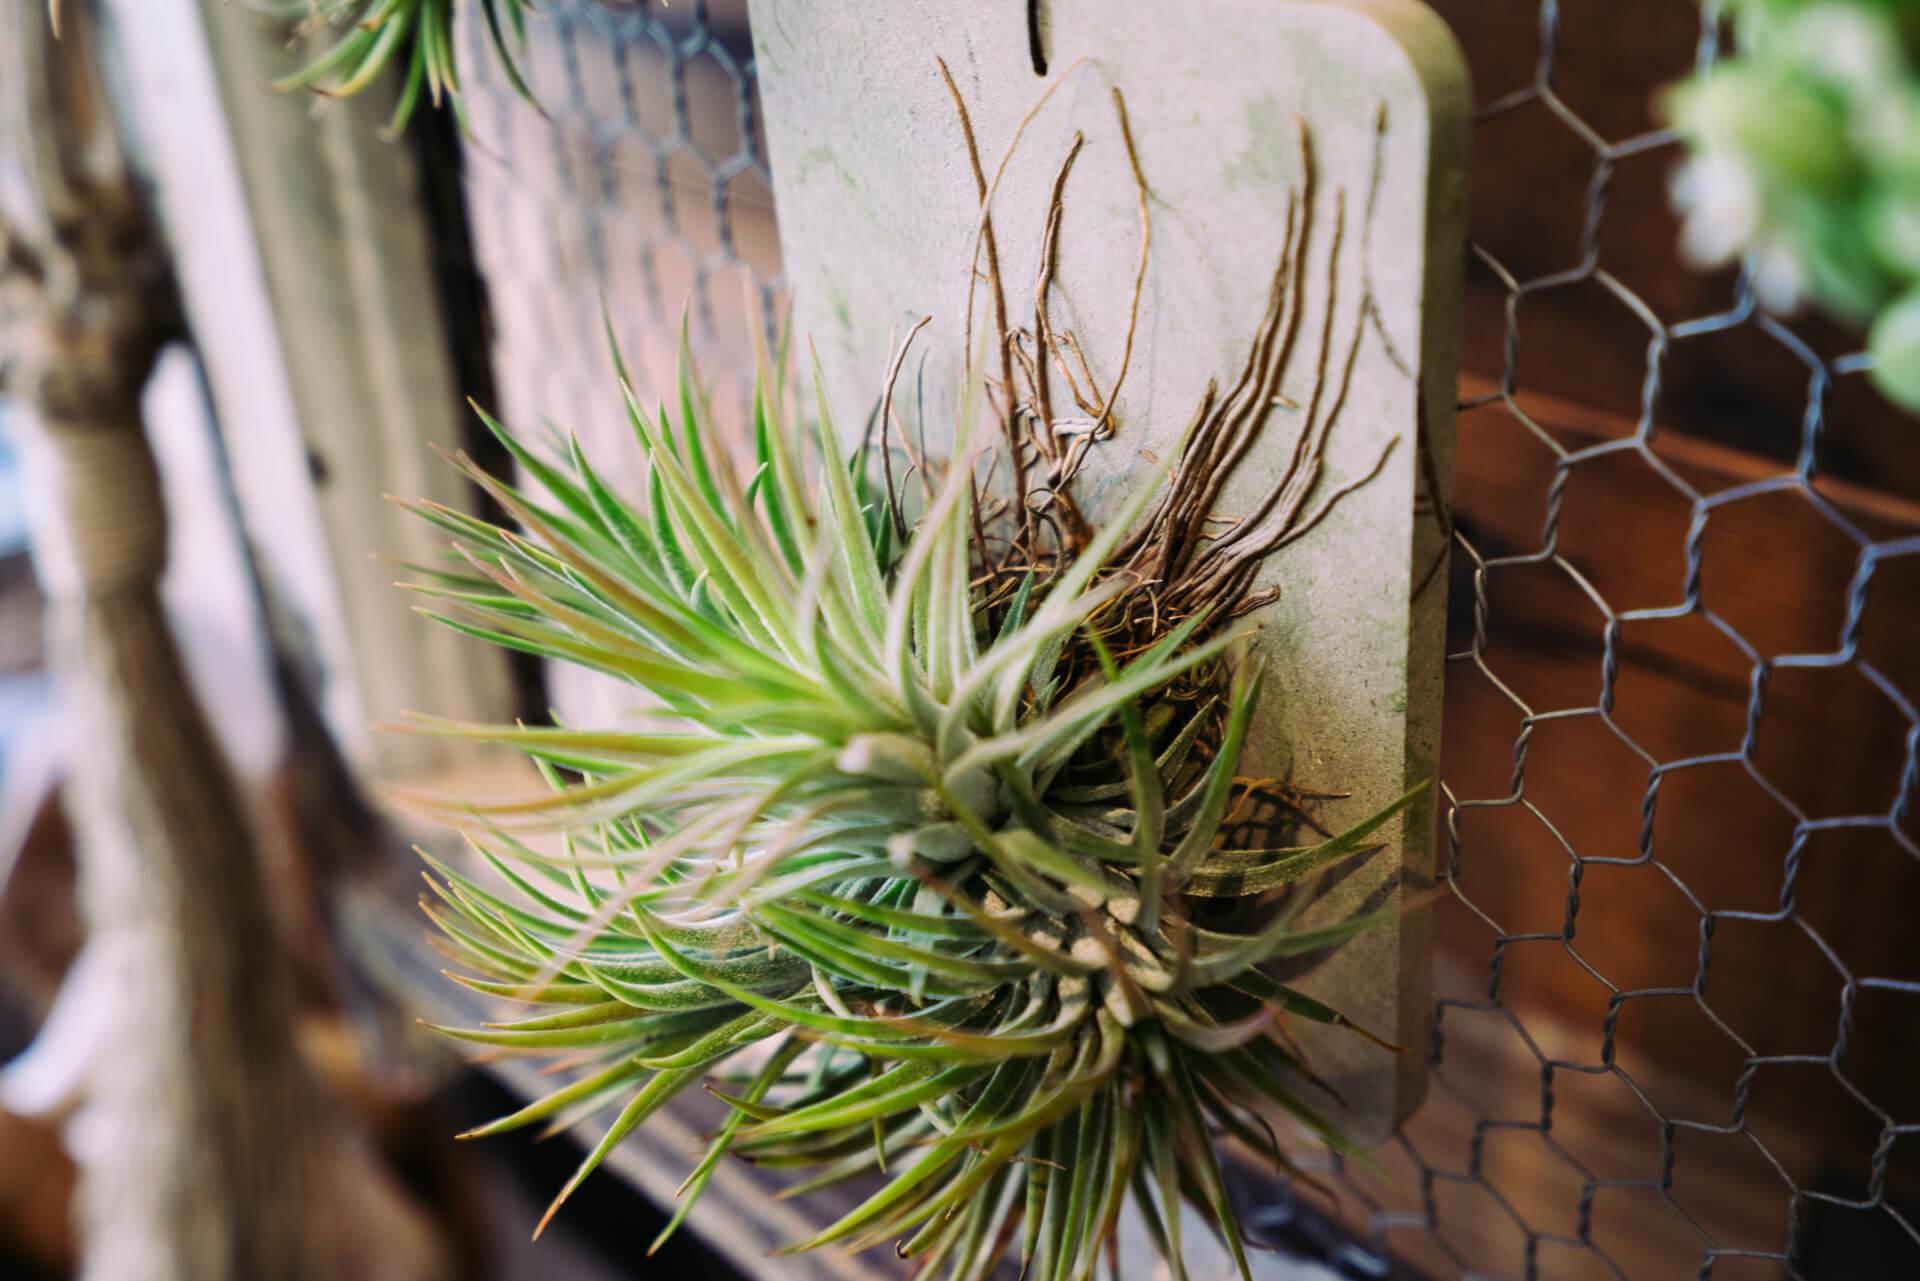 こちらはTOKYで取り扱う園芸用土 best soil mixを開発する BANKS Collection による新作、バイオマスプレート。時間はかかりますがエアプランツを結びつけると、しっかりと根をはり始めます。(3,600円〜)